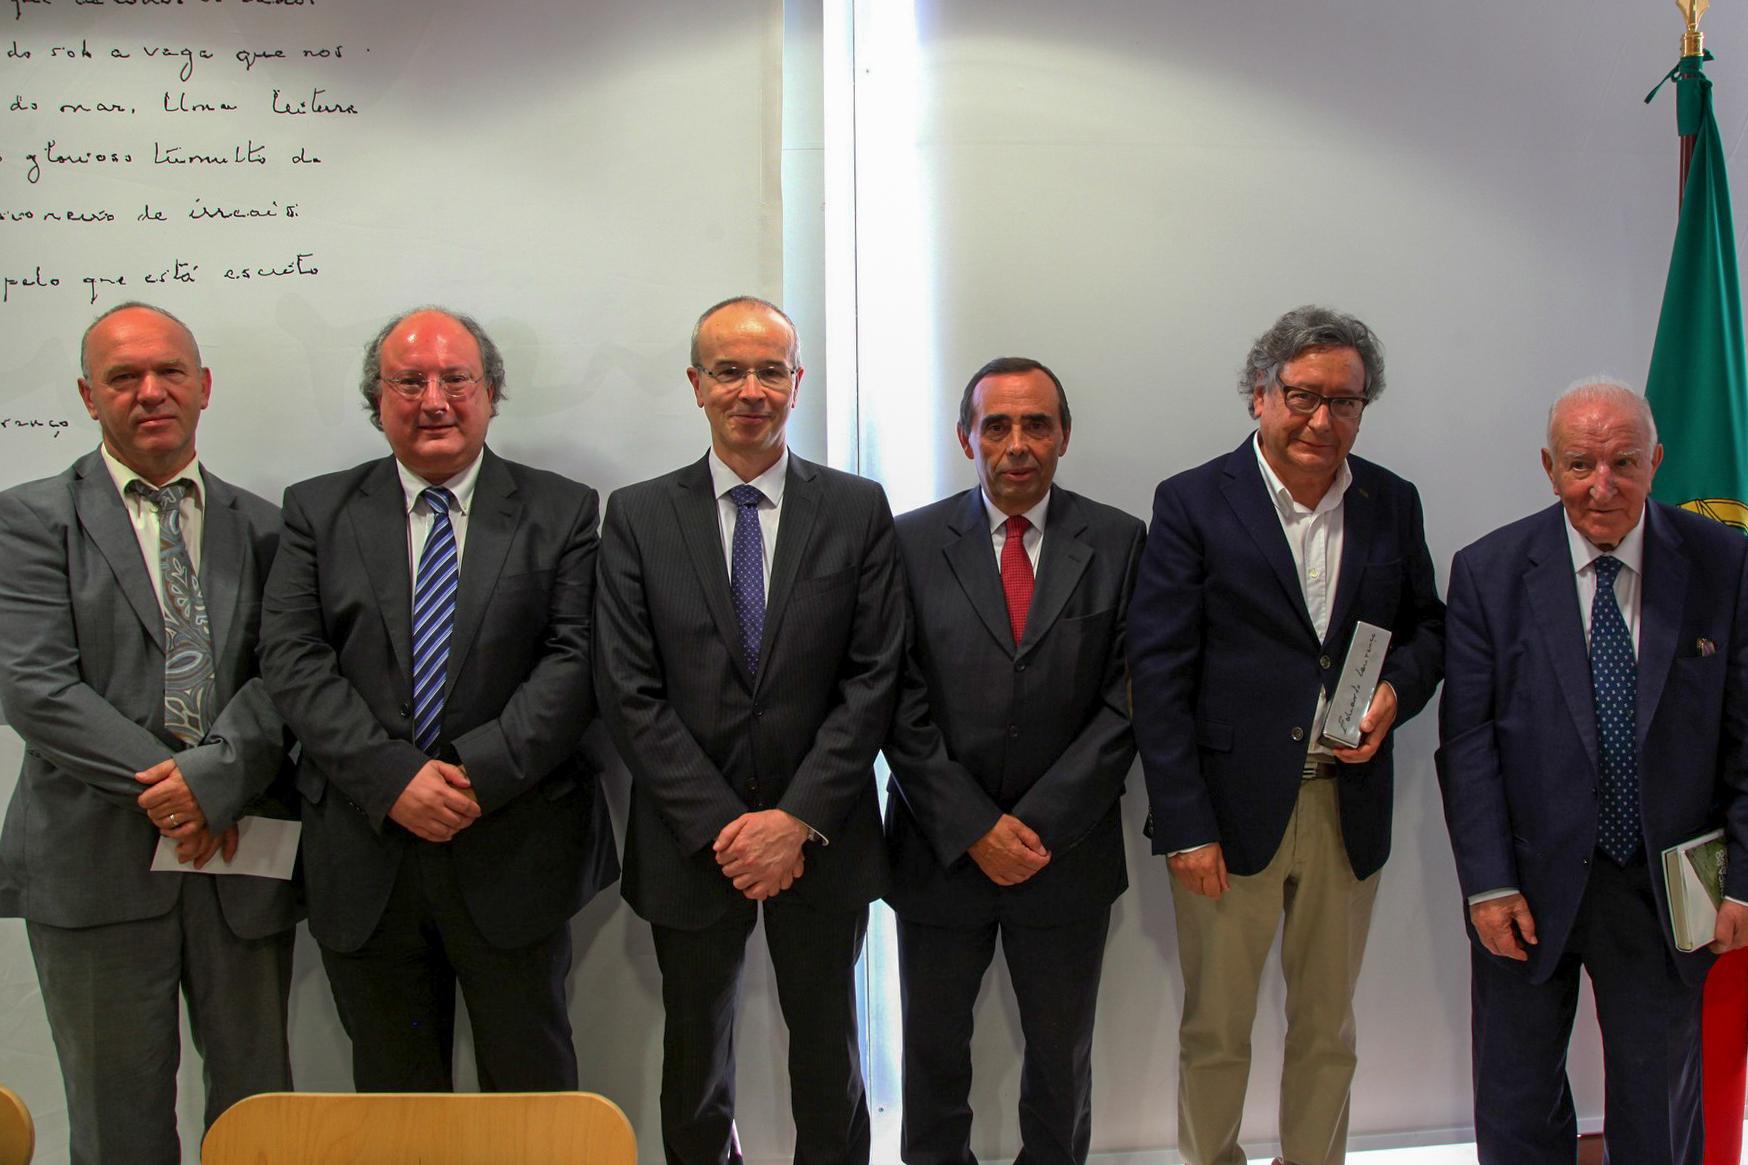 El periodista, escritor y cronista Fernando Paulouro Neves recibe el premio Eduardo Lourenço 2017